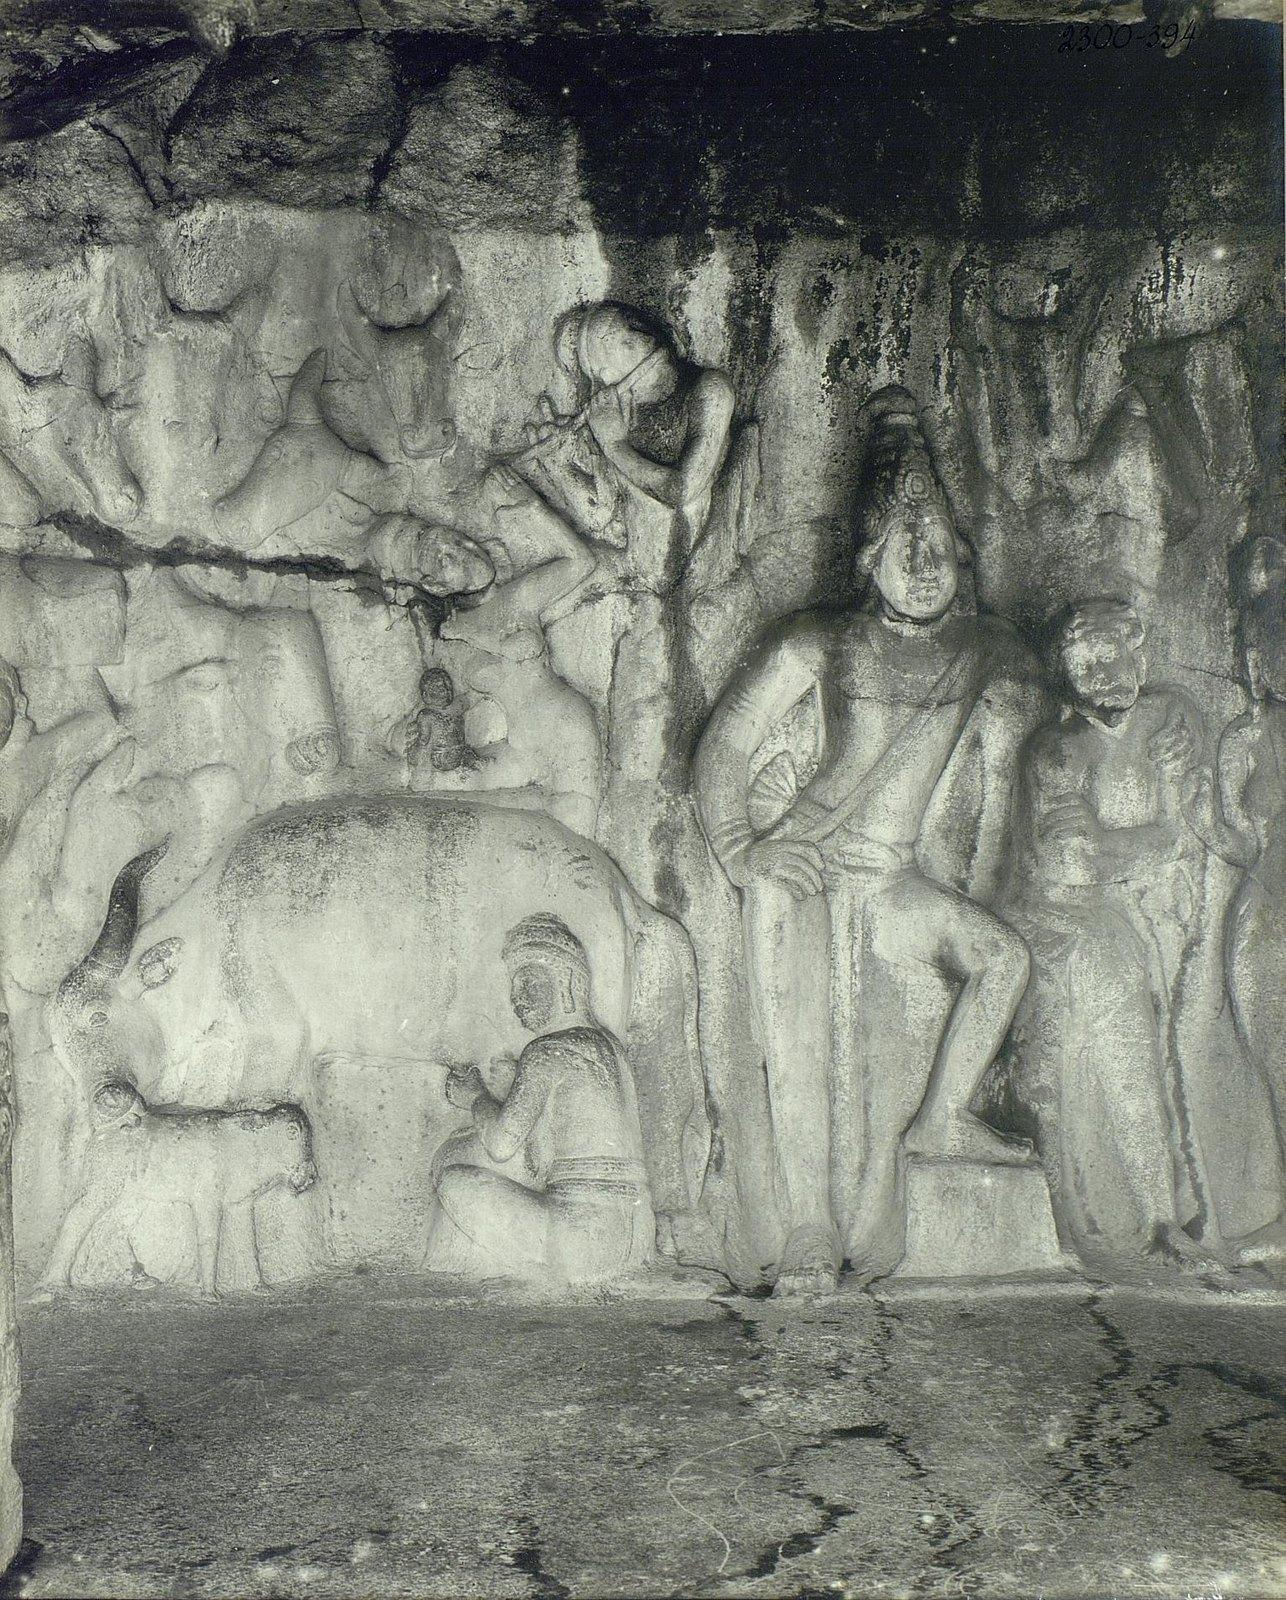 23. Мамаллапур (деталь рельефа «Доильщик и корова с теленком»